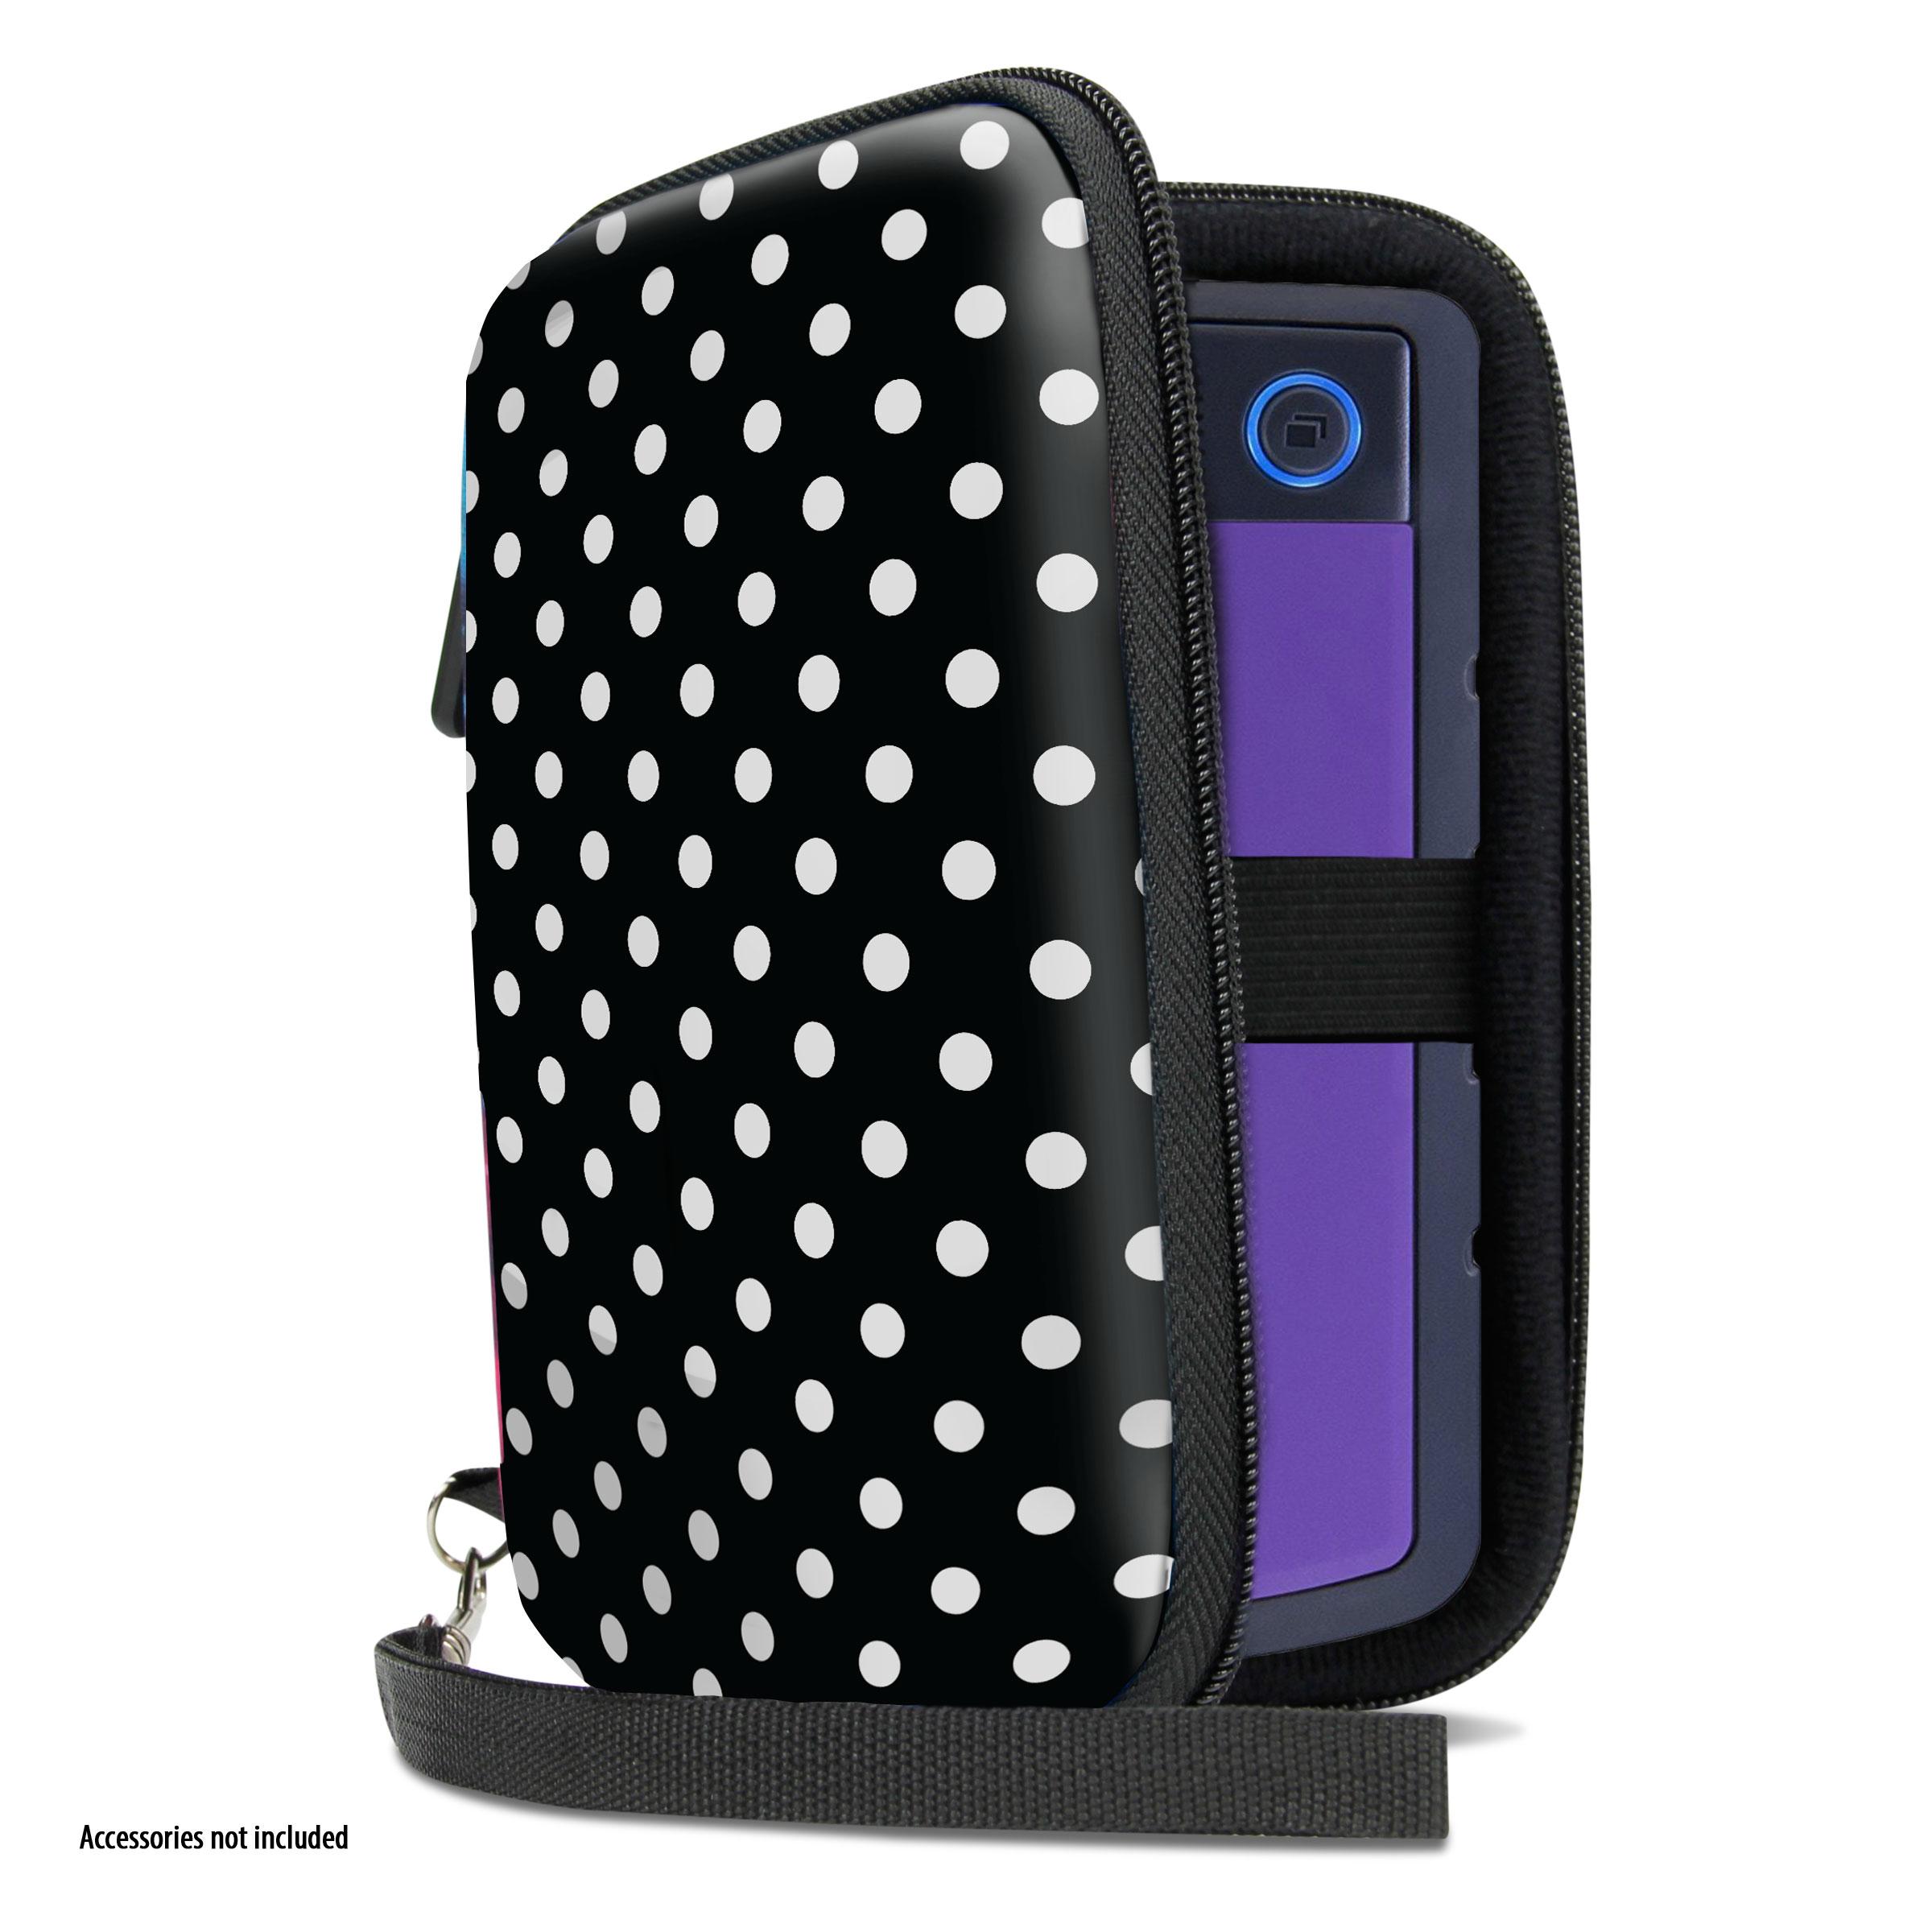 Details about Portable EVA External Hard Drive Enclosure Case 637836596287 | eBay